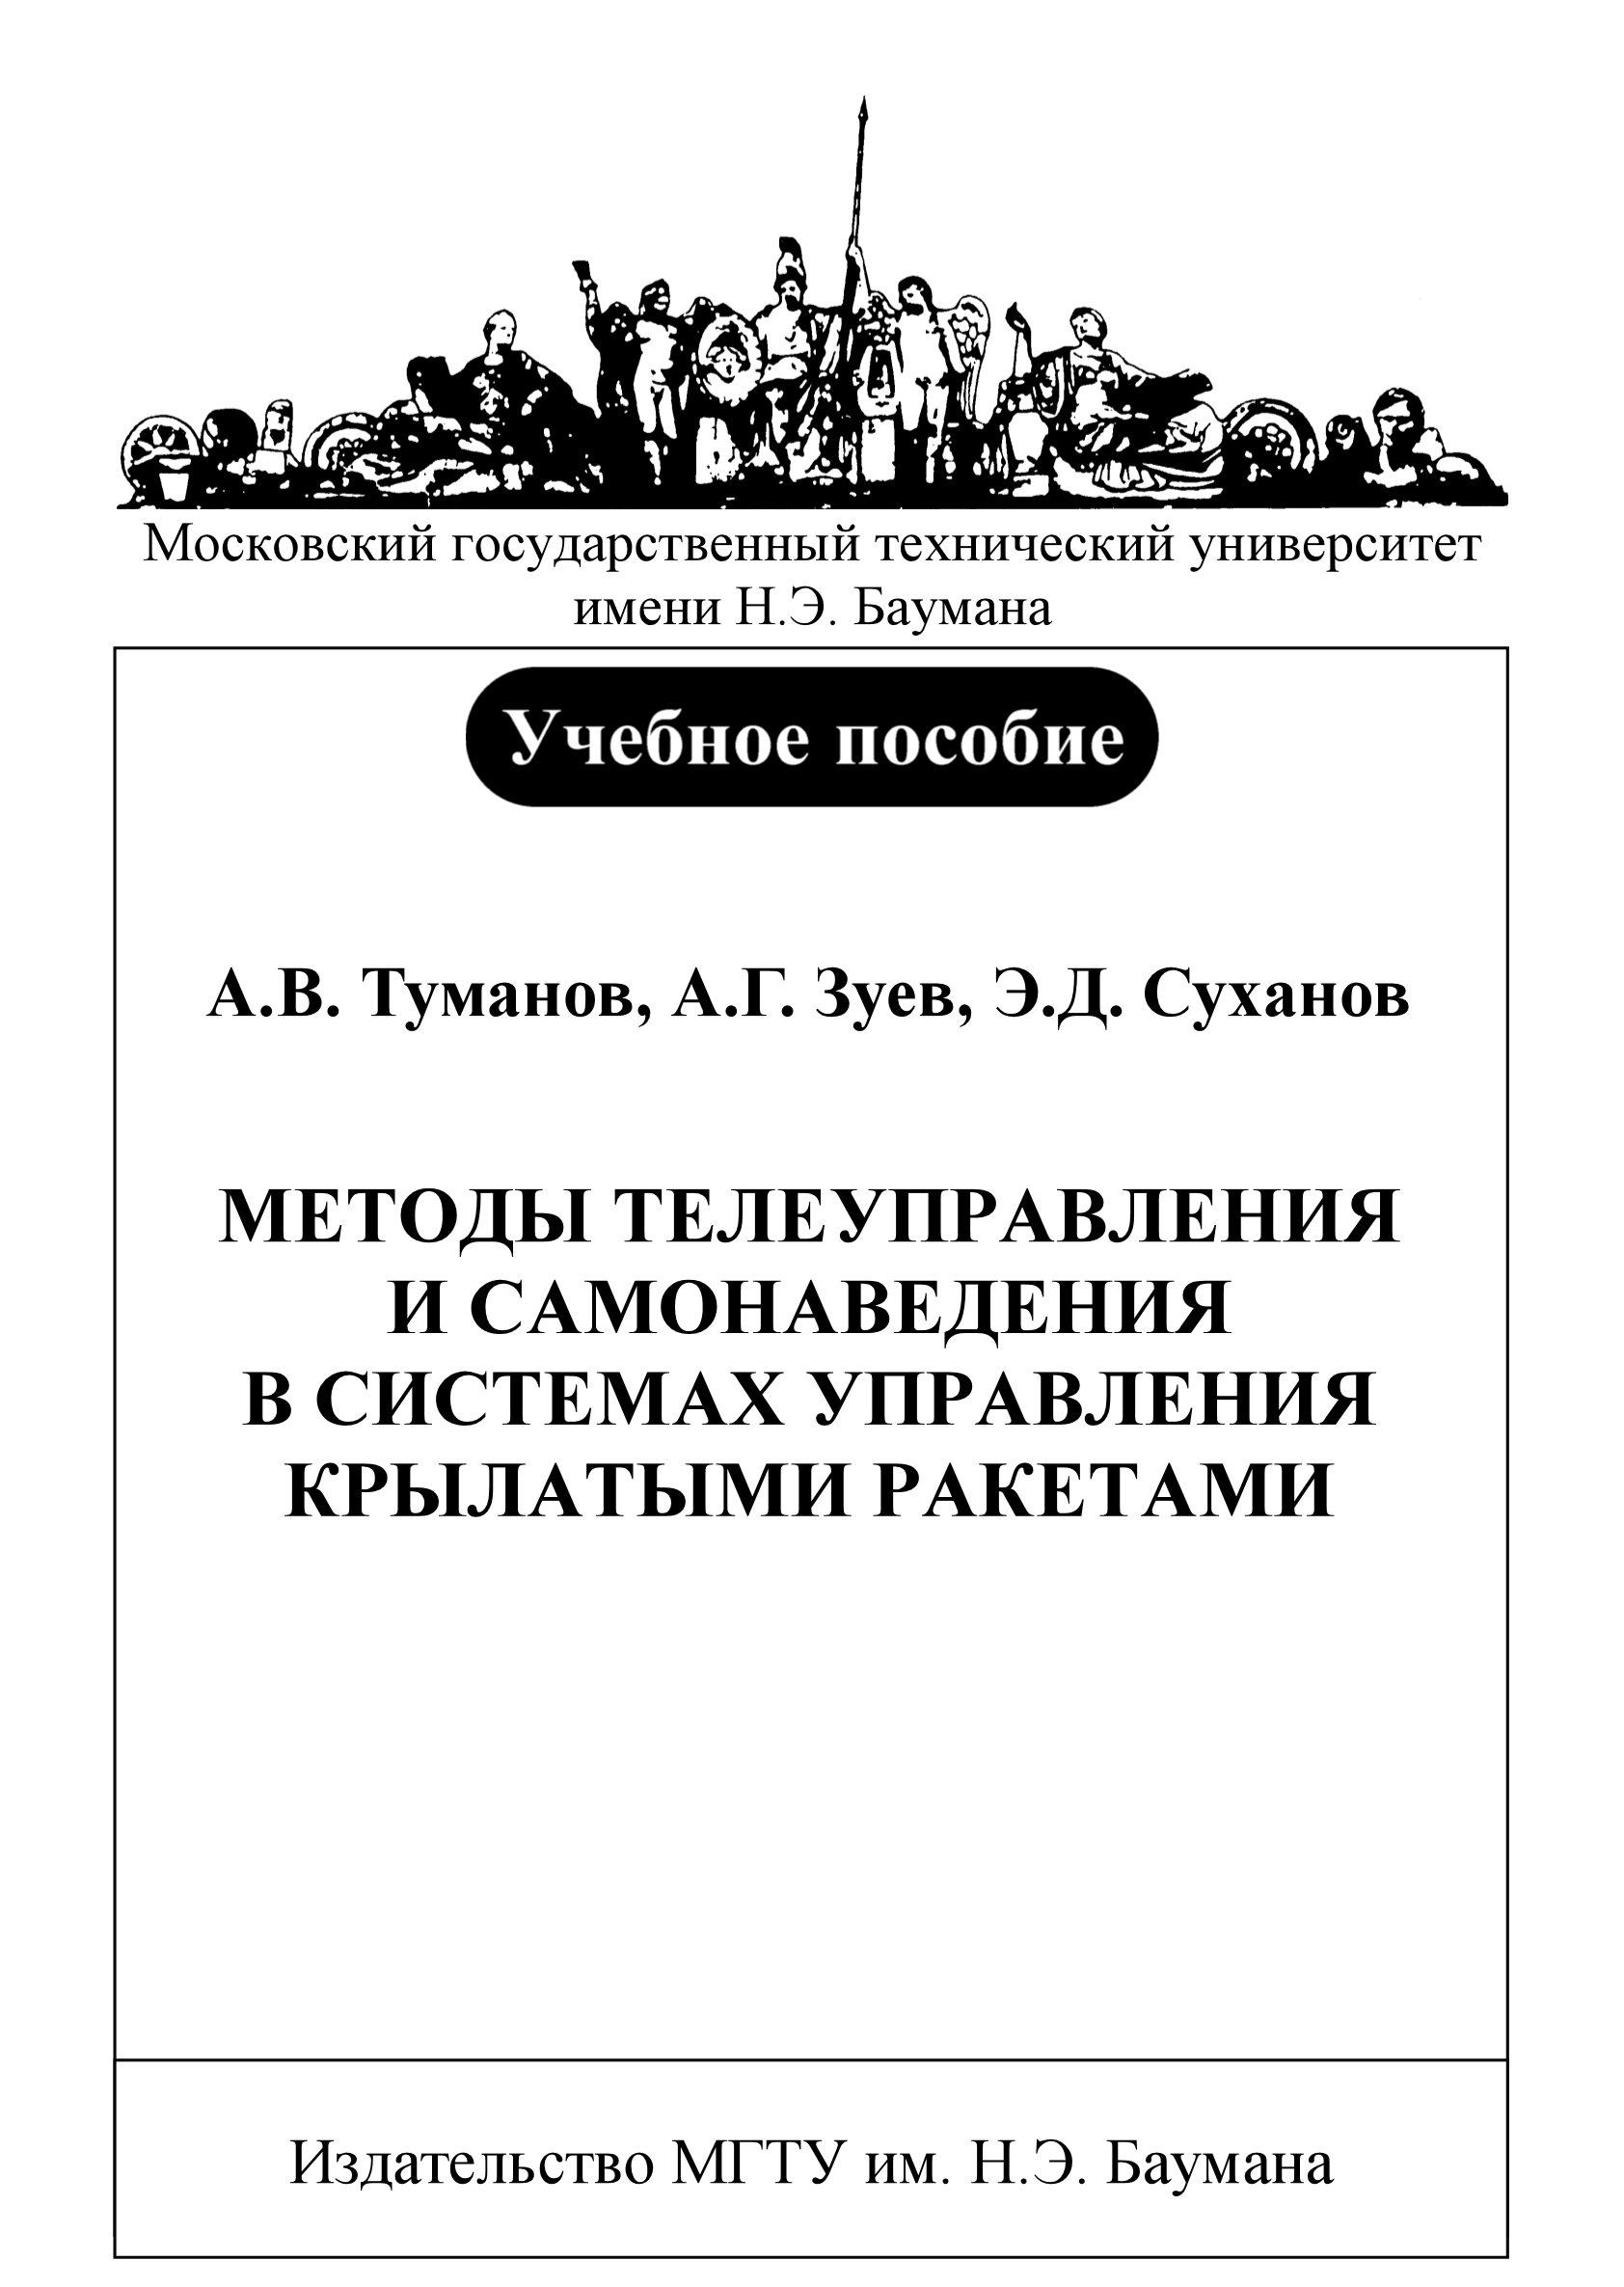 Андрей Зуев Методы телеуправления и самонаведения в системах управления крылатыми ракетами